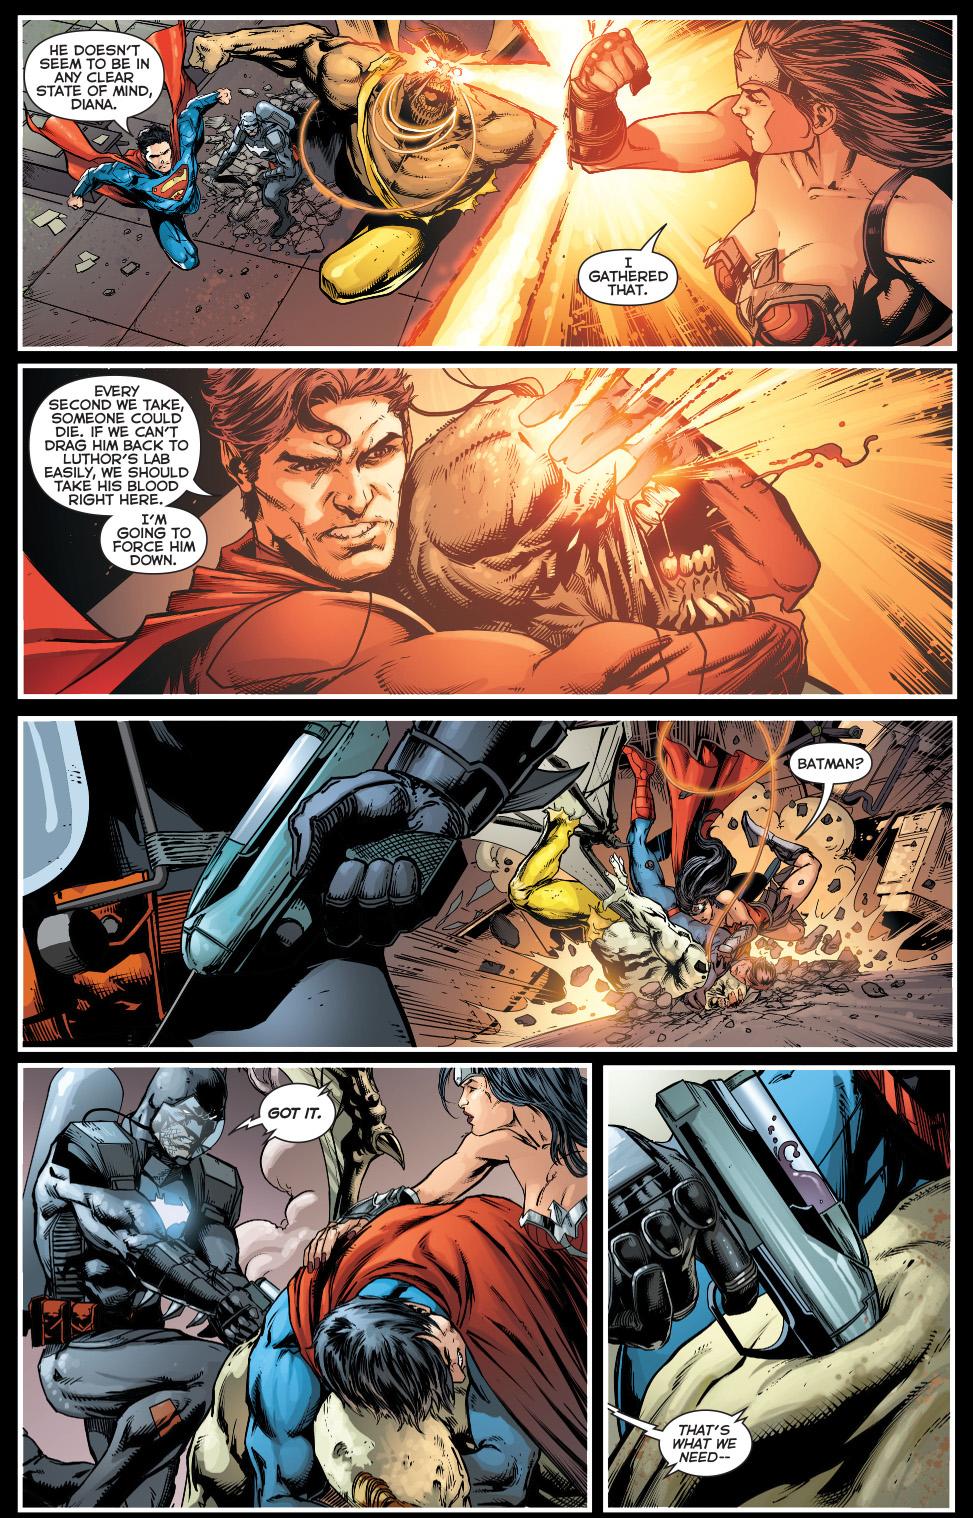 superman, batman and wonder woman vs patient zero